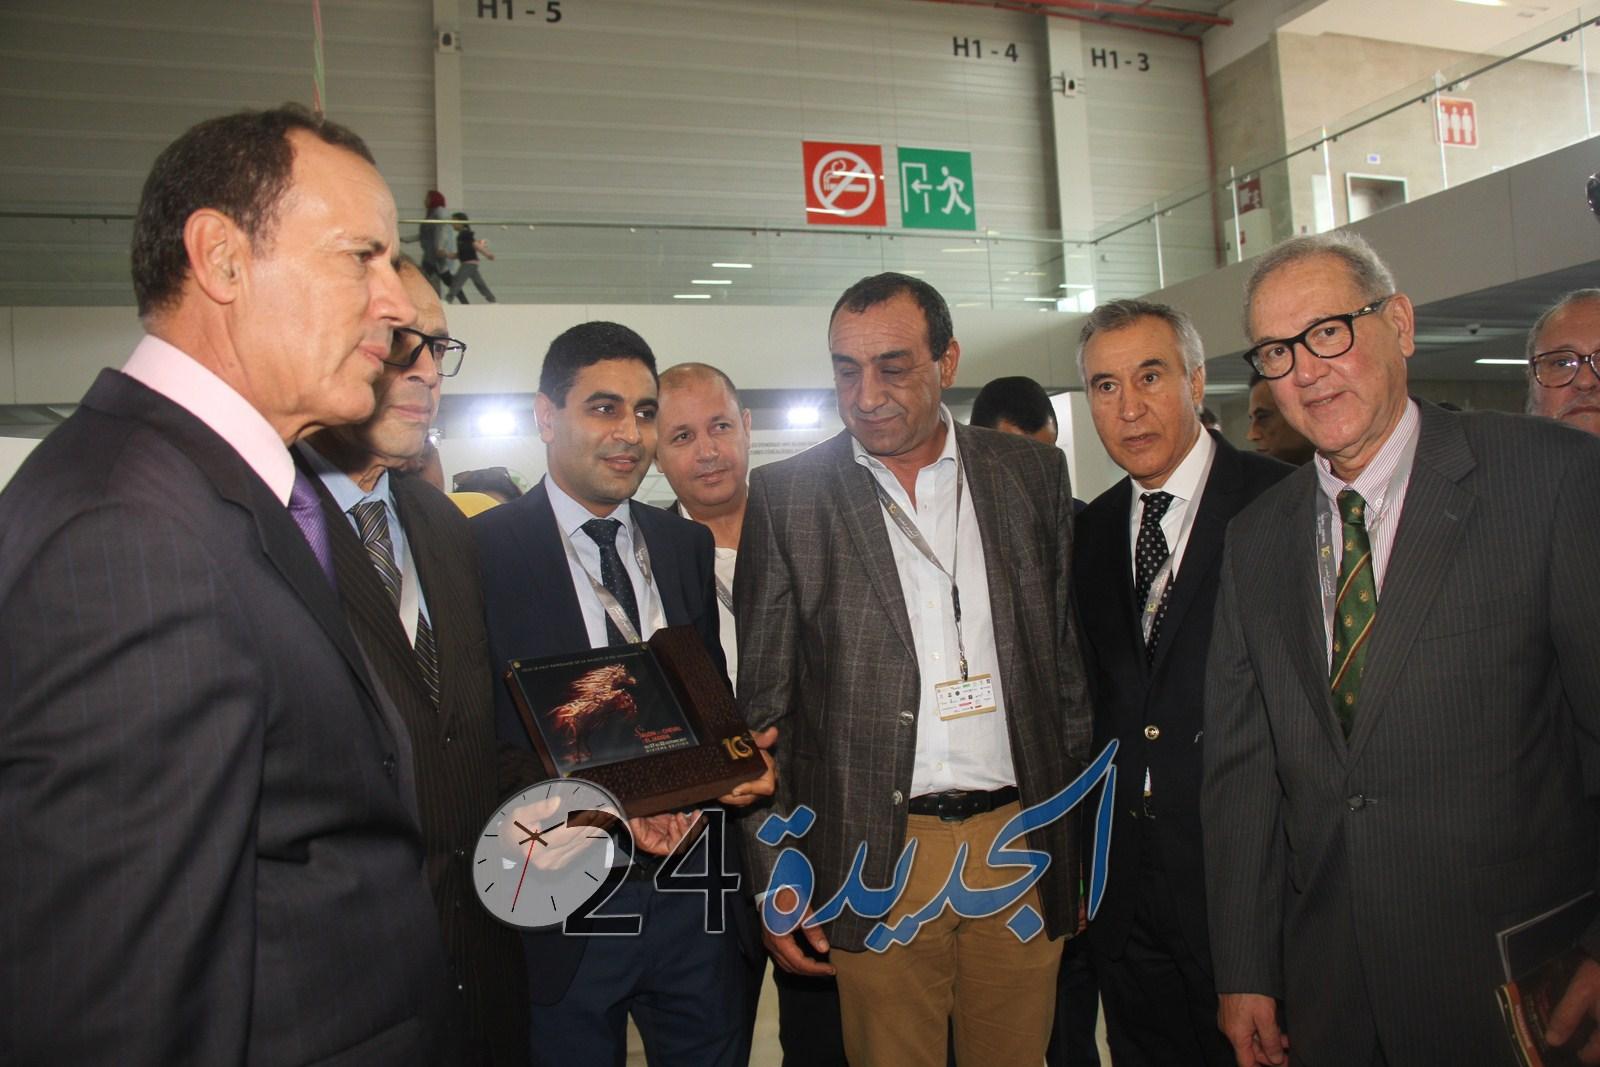 بالصور.. زيارة لرواق المجمع الشريف للفوسفاط  بمعرض الفرس بالجديدة